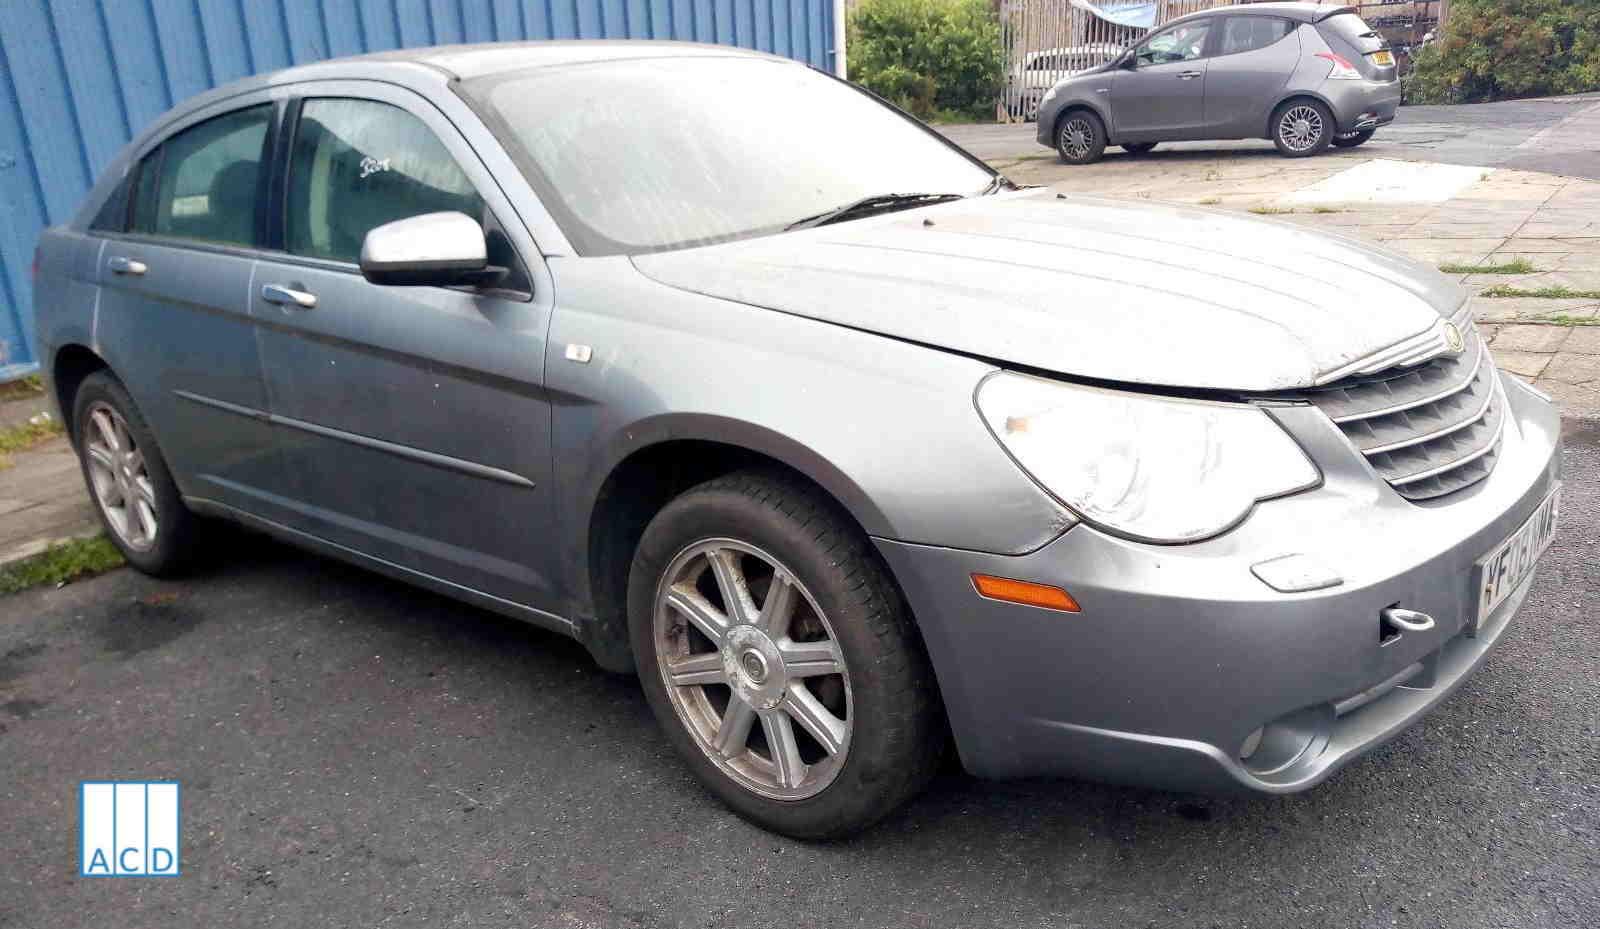 Chrysler Sebring 2.0L Diesel parts for sale